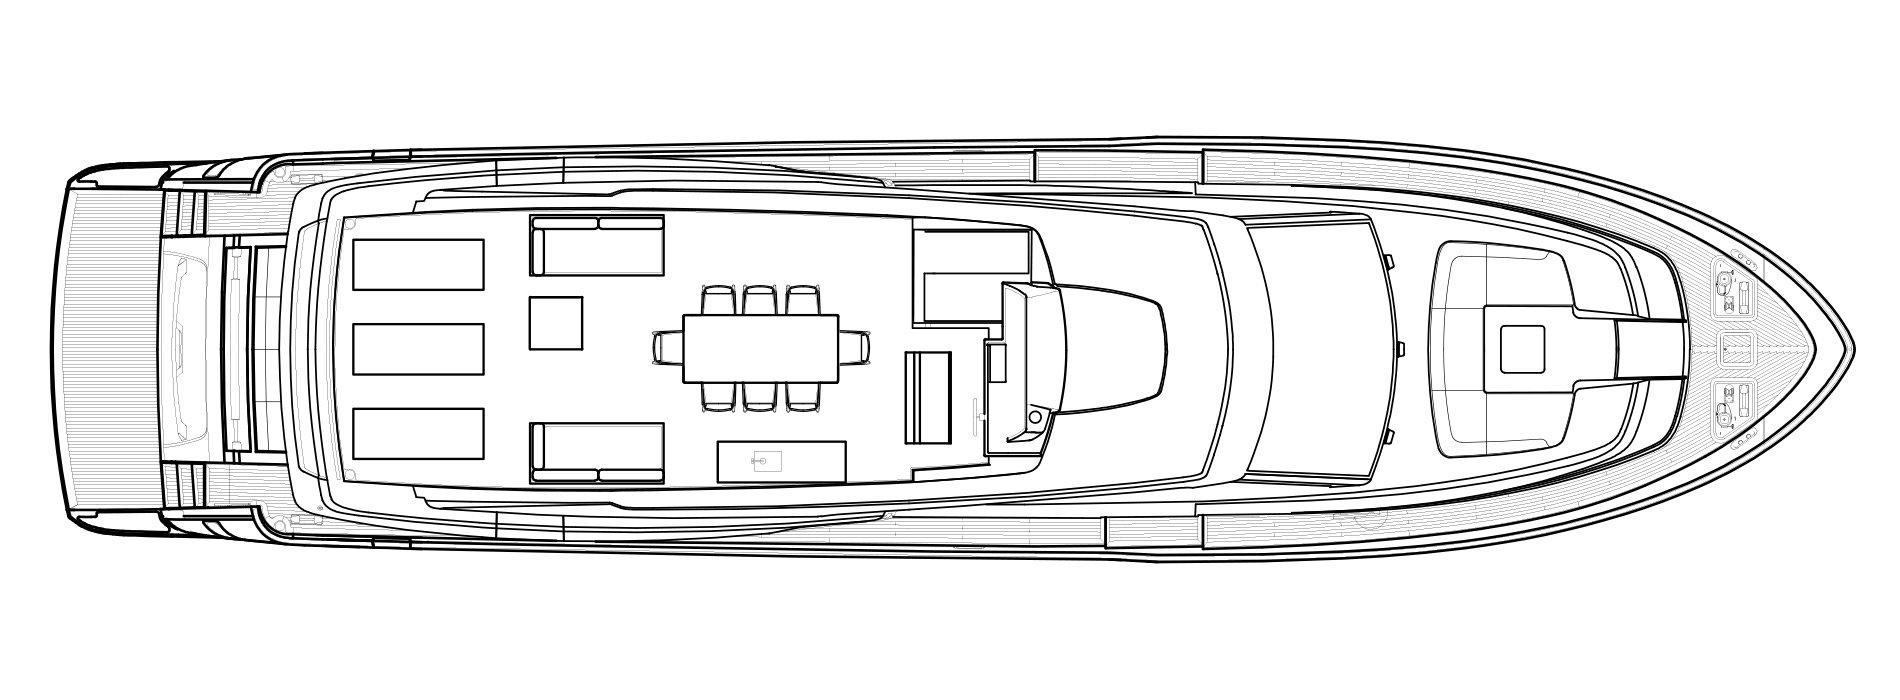 Sanlorenzo Yachts SL86 Flying brigde Versione USA